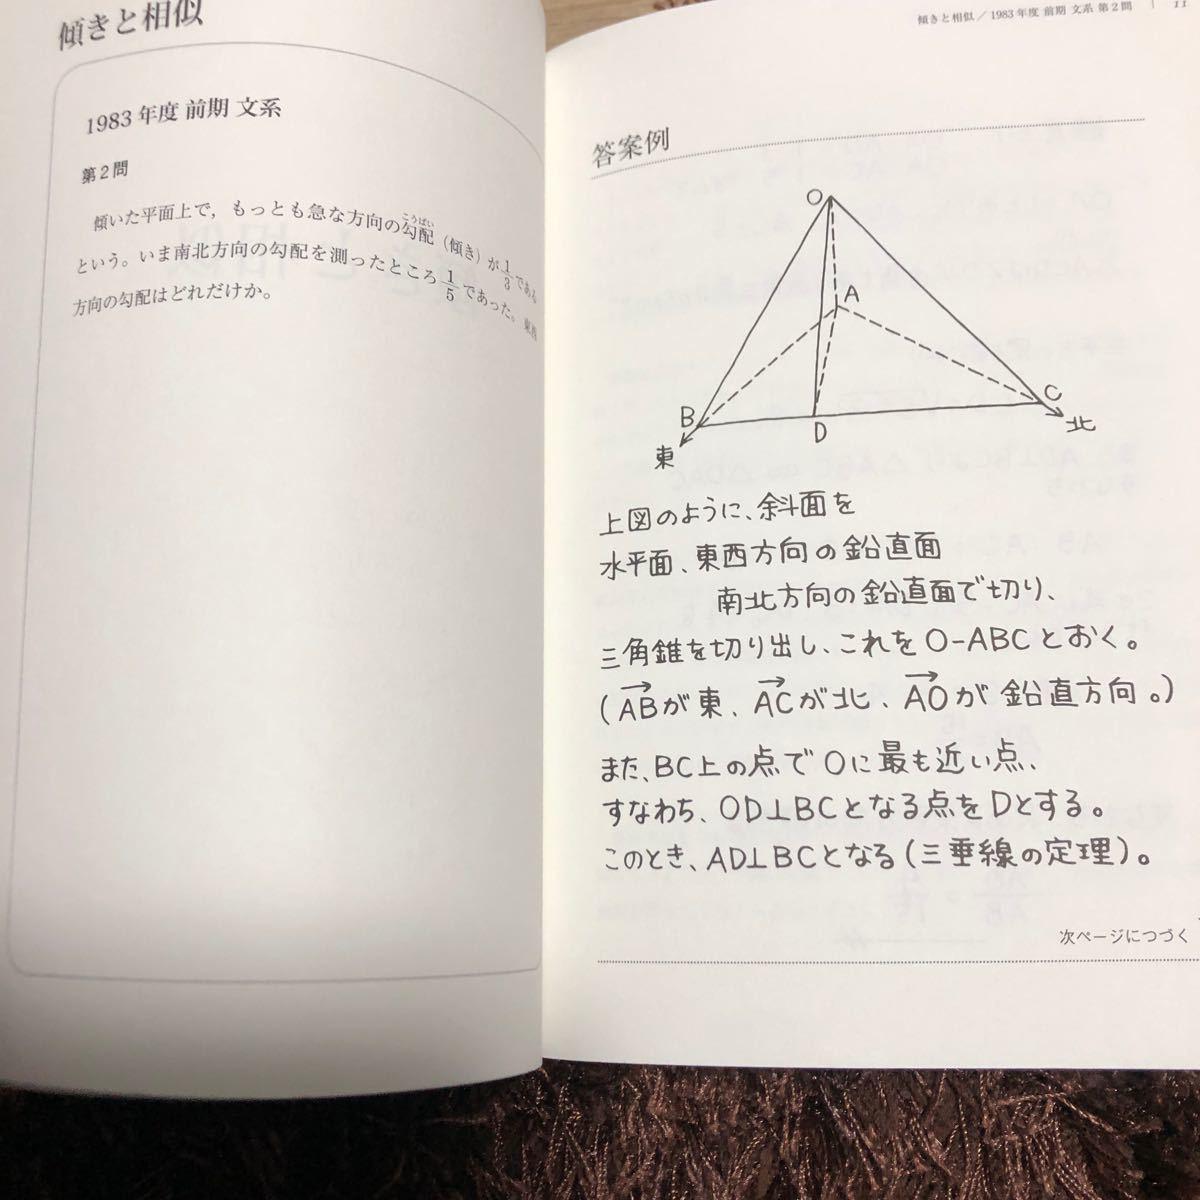 数学入試問題がすらすら読める 数研出版 東大数学が一点でも多く取る方法 東京出版 高校数学 数学 大学入試